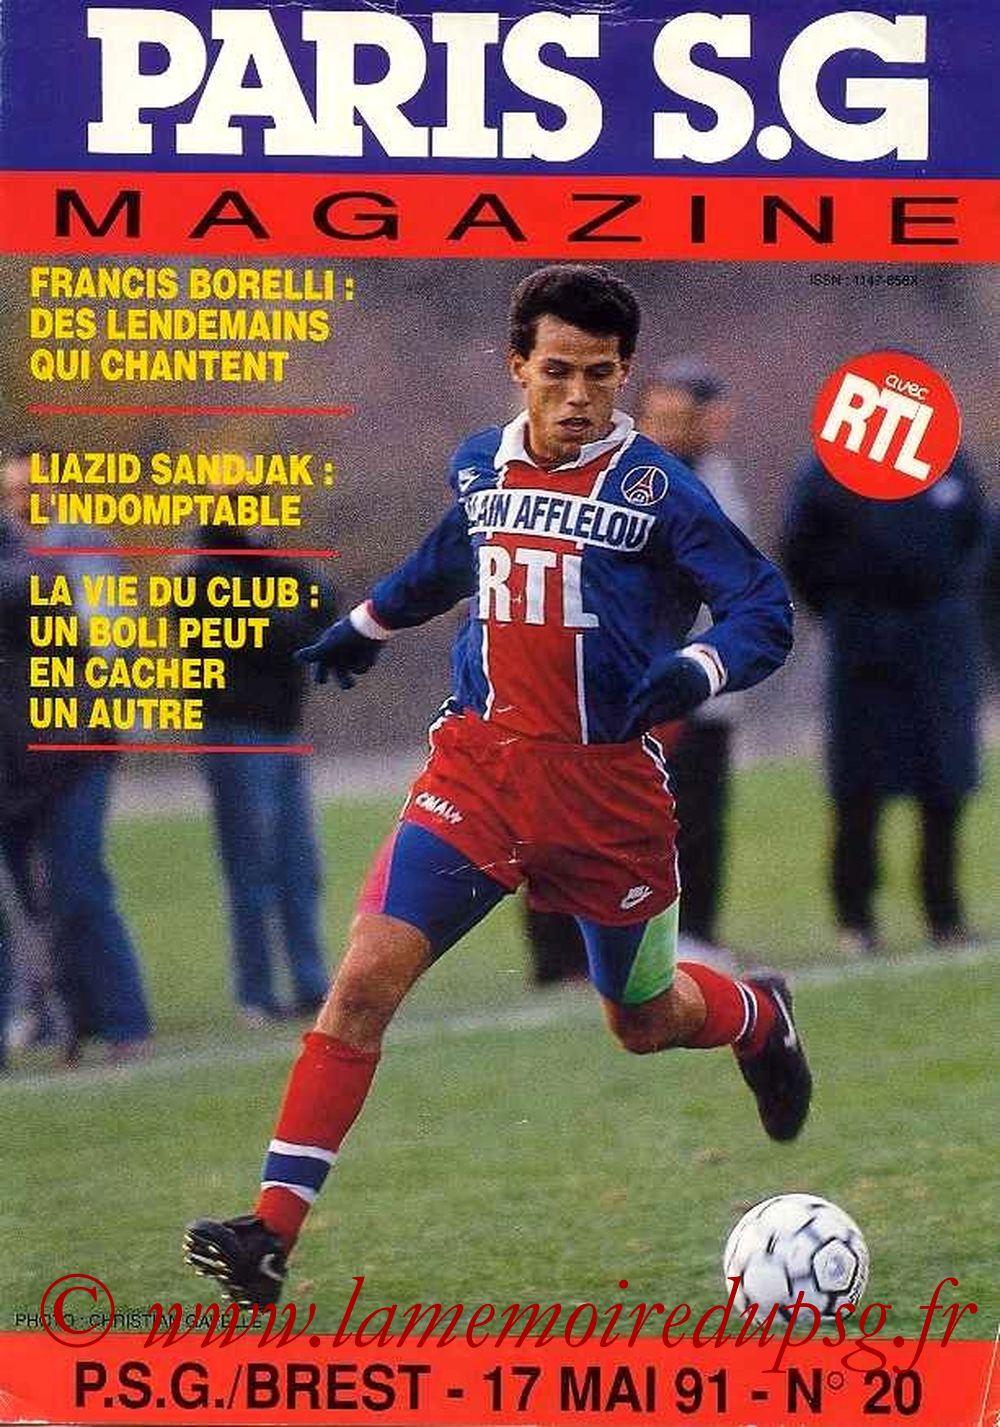 1991-05-17  PSG-Brest (37ème D1, Paris SG Magazine N°20)